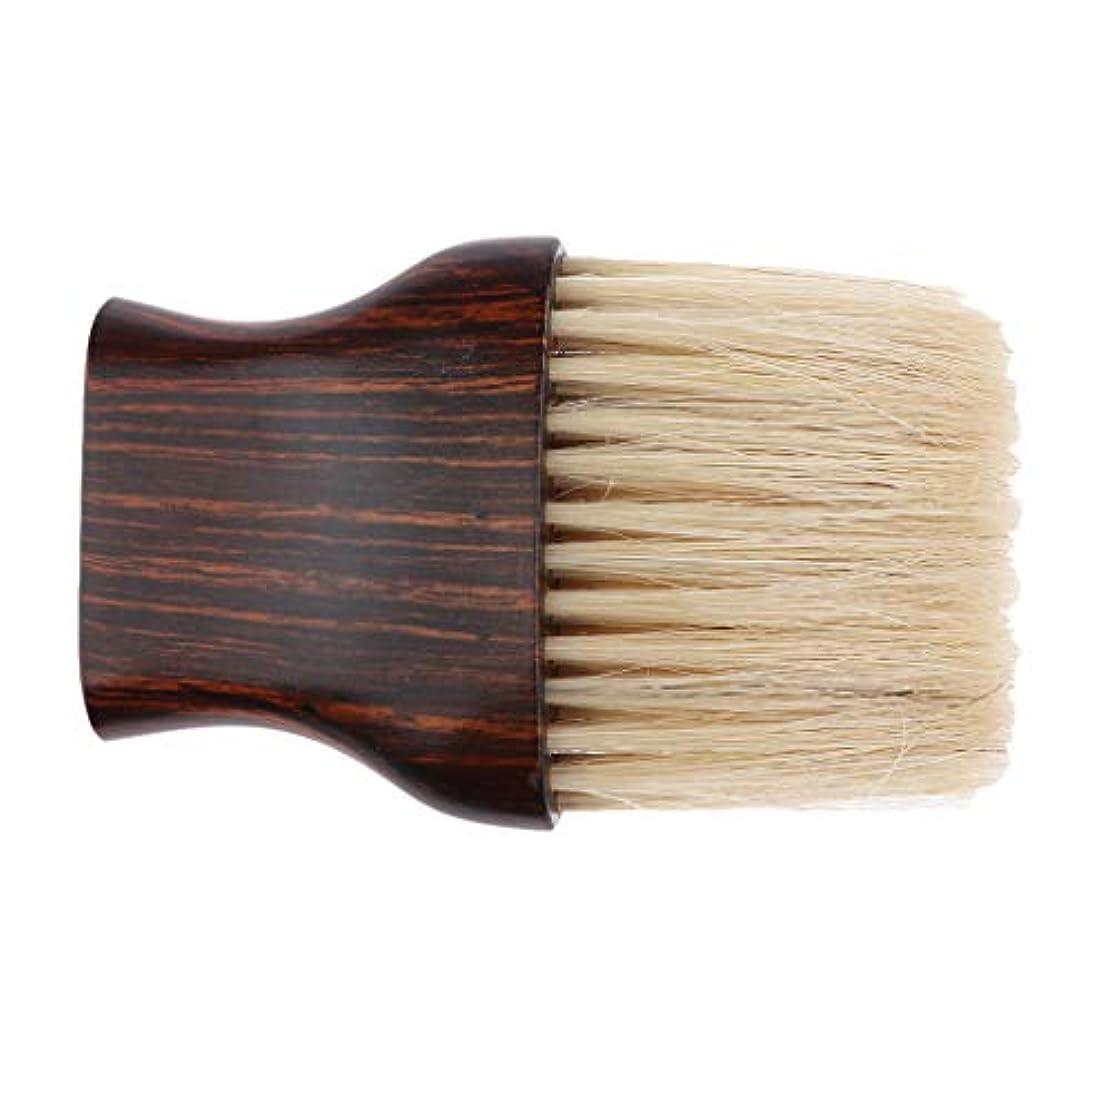 有益ウェイトレス出くわすヘアブラシ 毛払いブラシ 木製ハンドル 散髪 髪切り 散髪用ツール 理髪店 美容院 ソフトブラシ